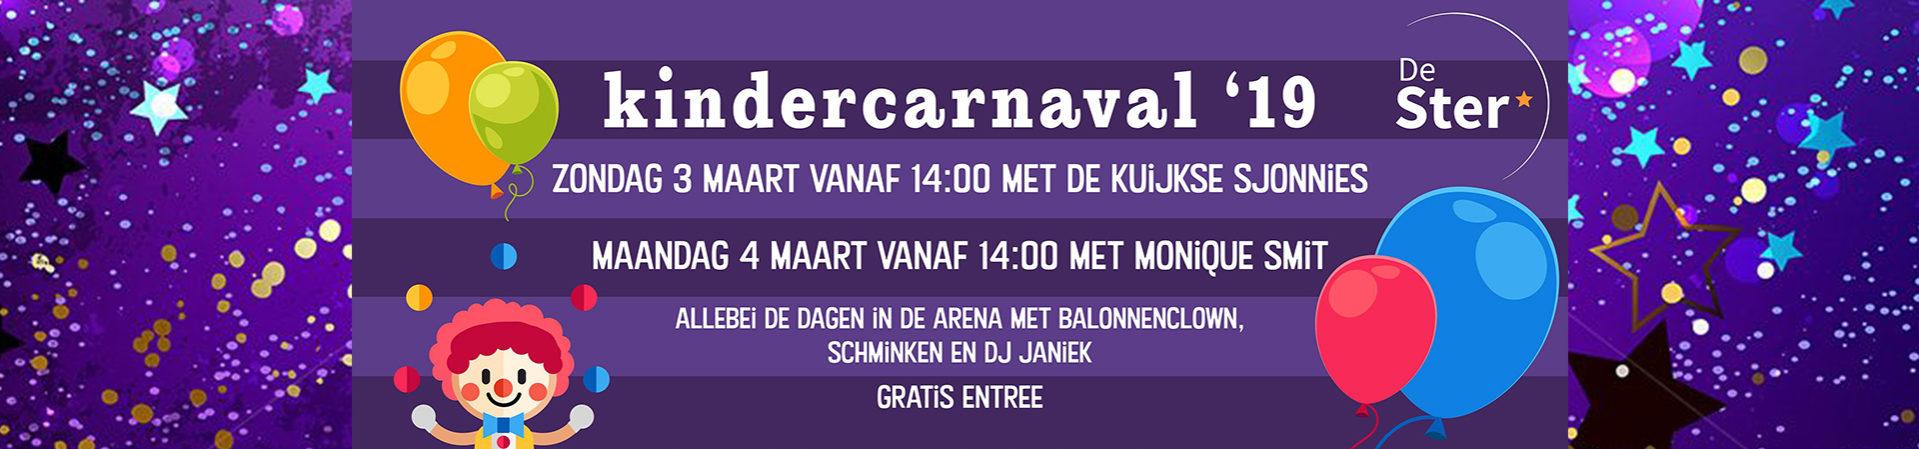 Kindercarnaval 2019 1920x450